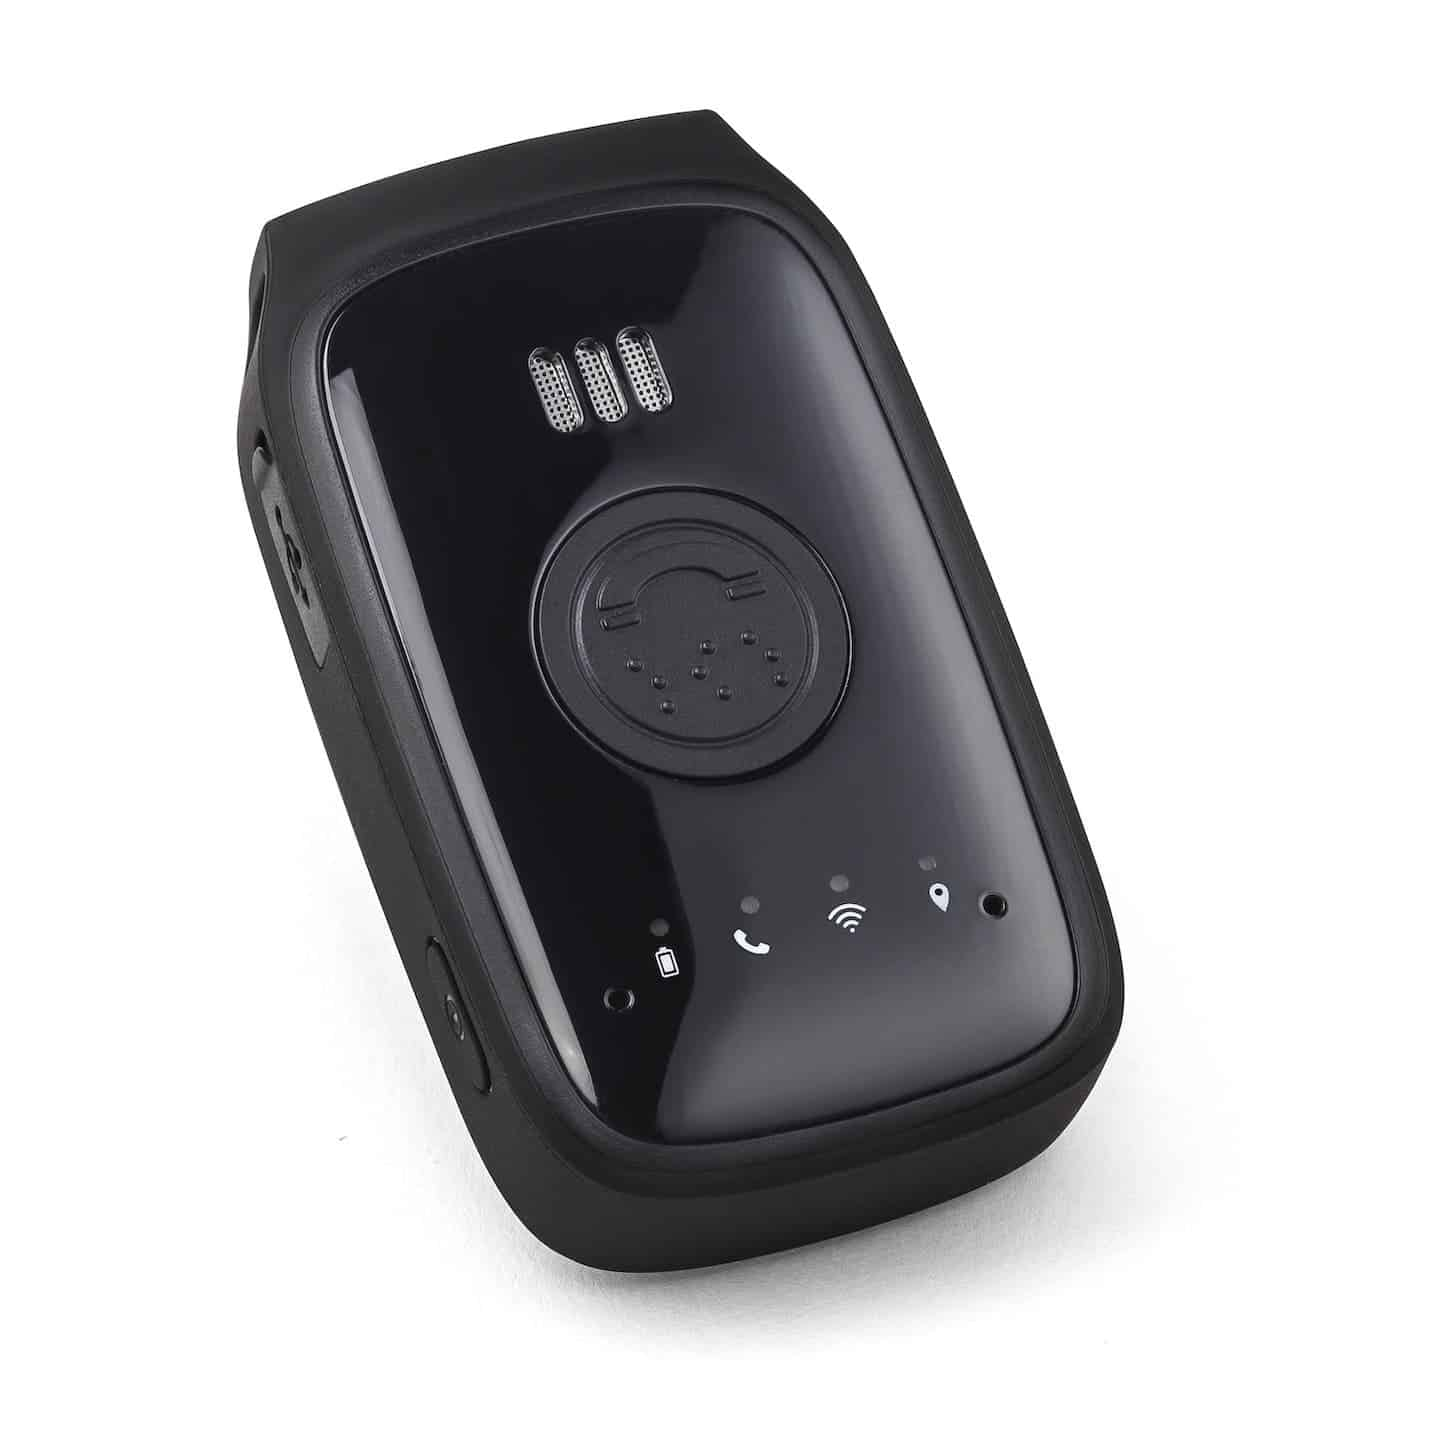 LifeStation Mobile LTE (Black)